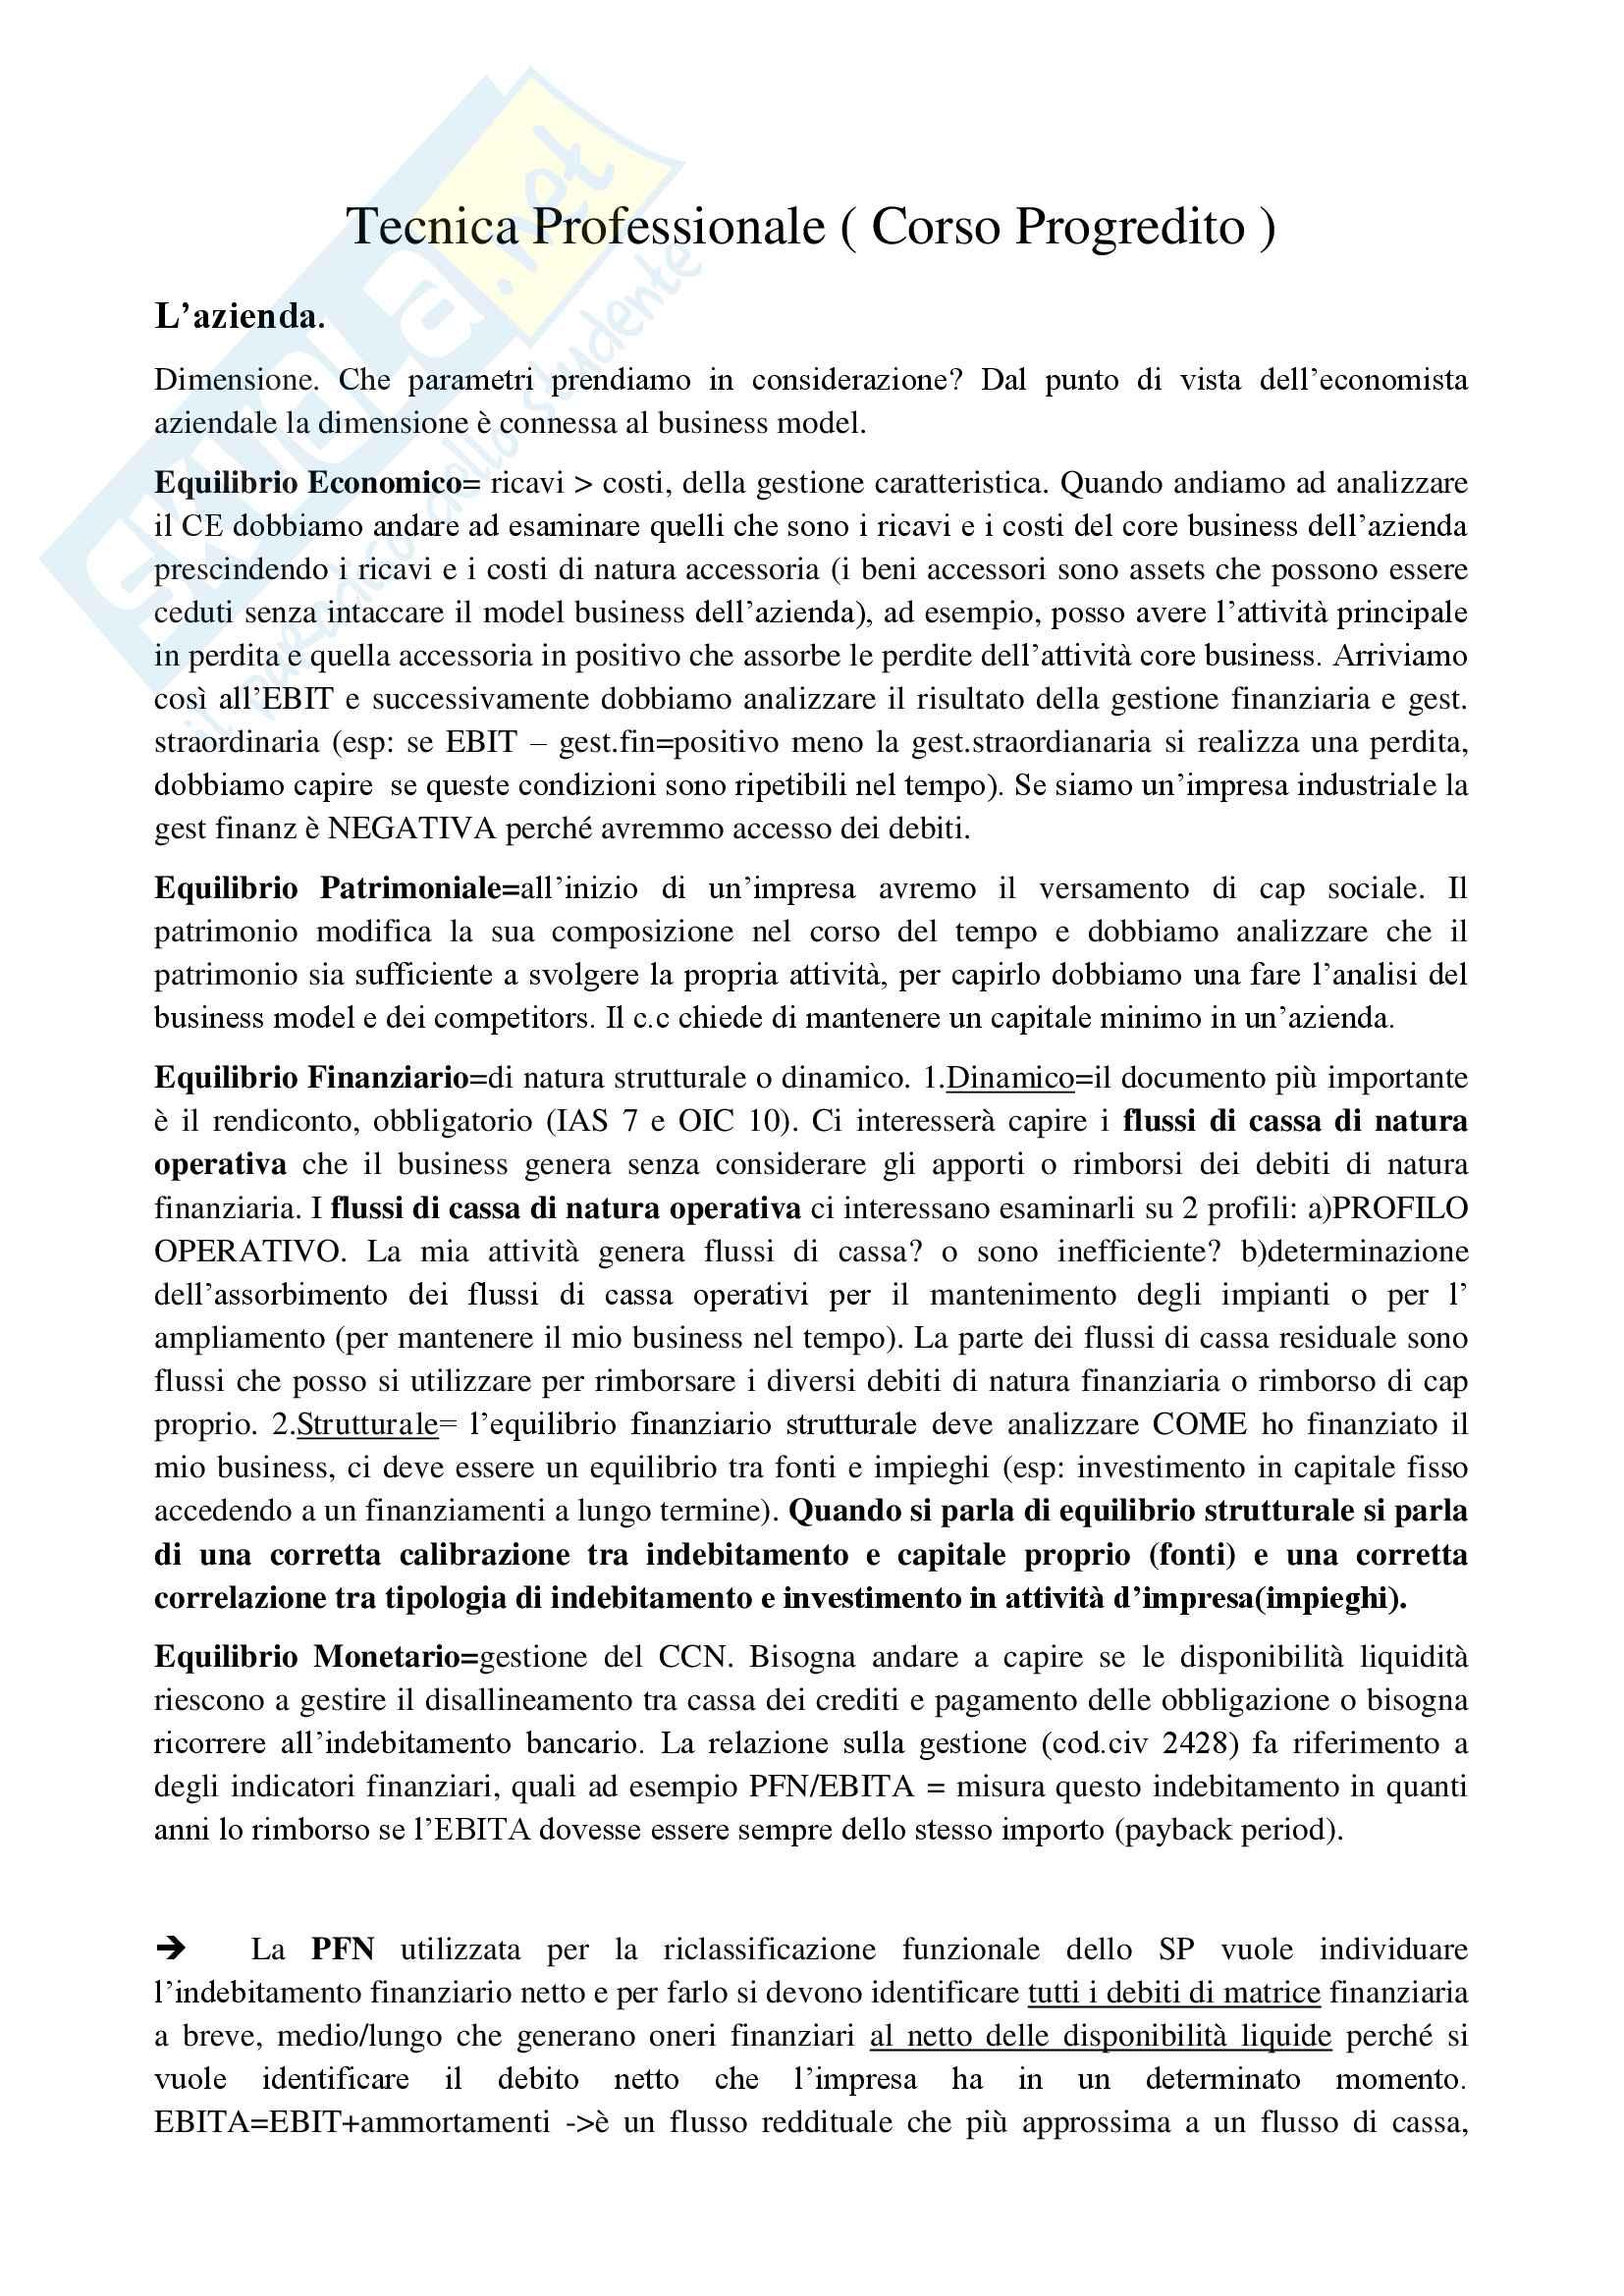 appunto L. Franceschi Tecnica professionale progredito